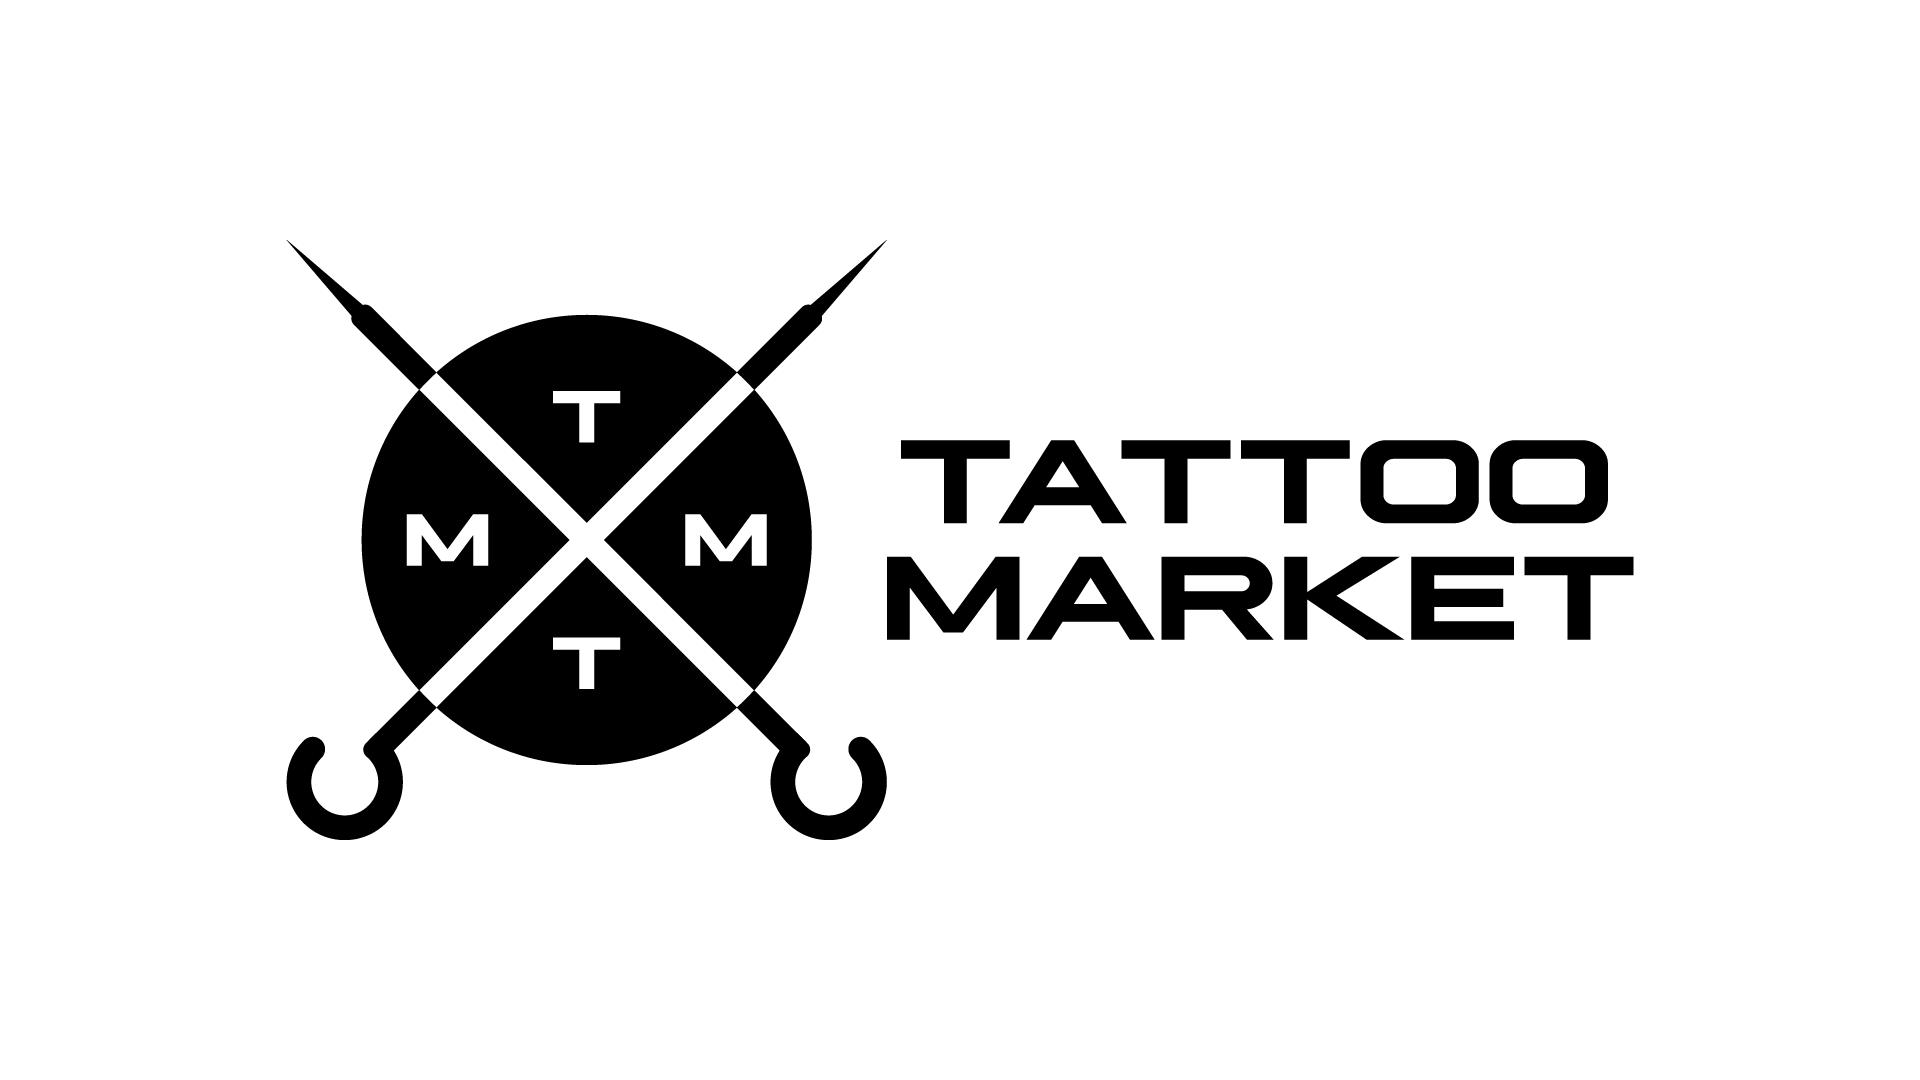 Редизайн логотипа магазина тату оборудования TattooMarket.ru фото f_8175c3d182b0a491.png